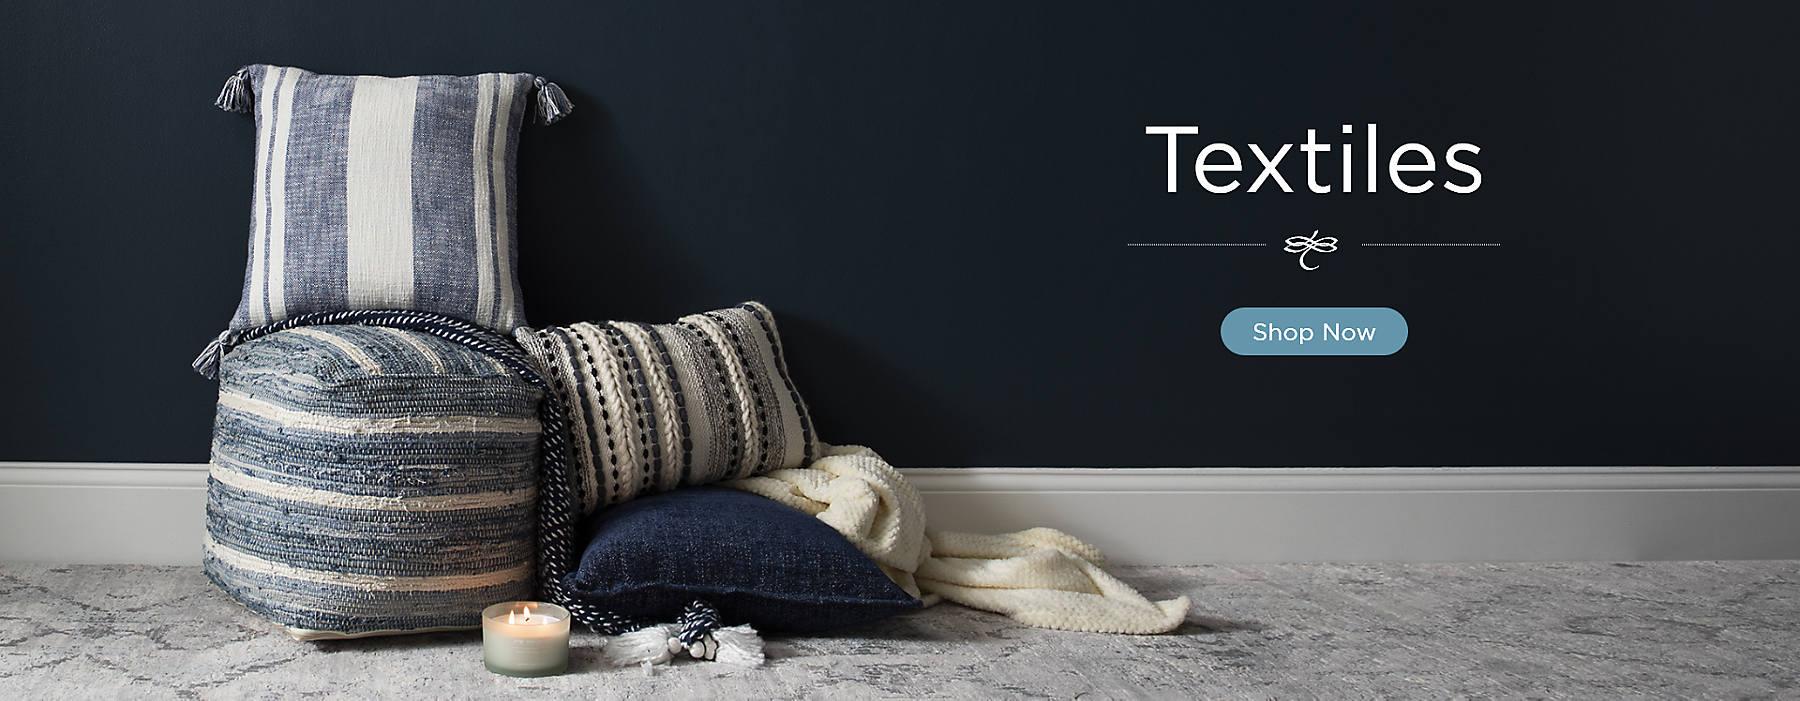 Textiles Shop Now